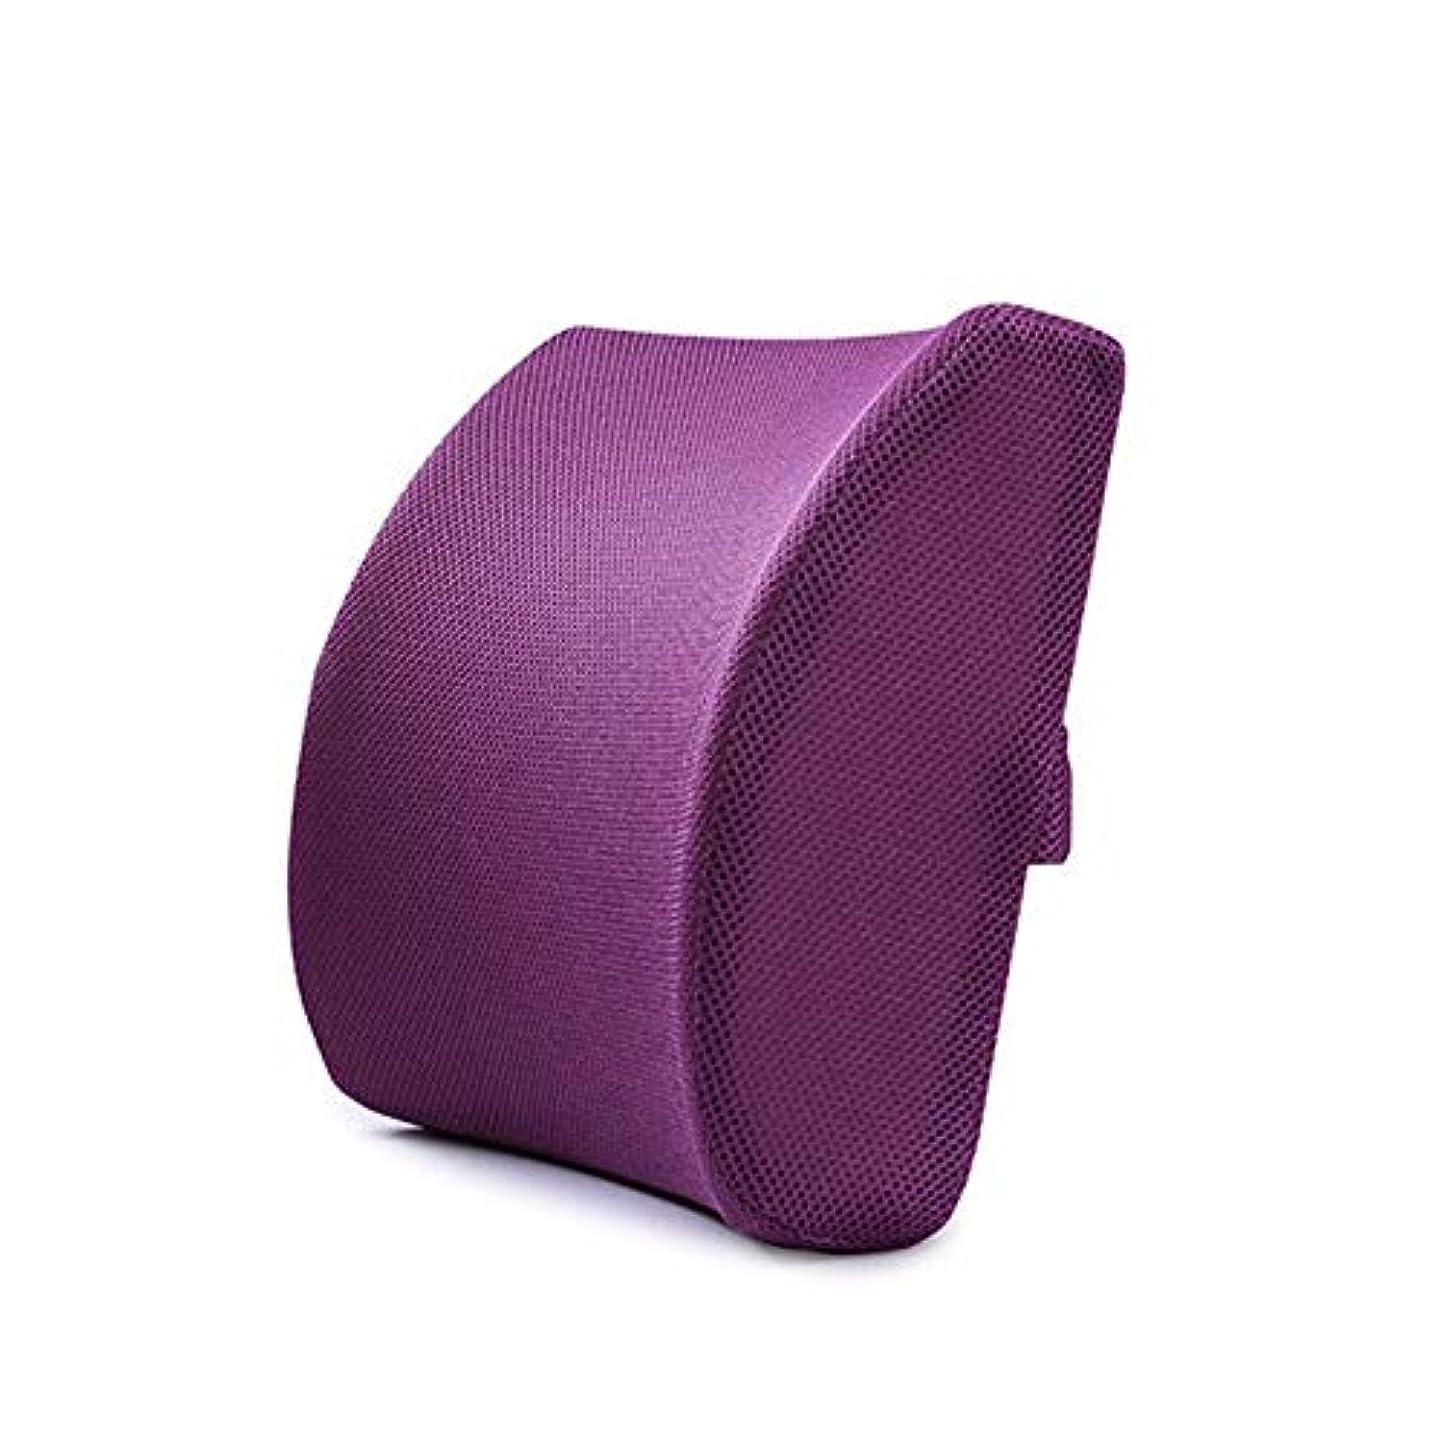 バーター欠陥みがきますLIFE ホームオフィス背もたれ椅子腰椎クッションカーシートネック枕 3D 低反発サポートバックマッサージウエストレスリビング枕 クッション 椅子